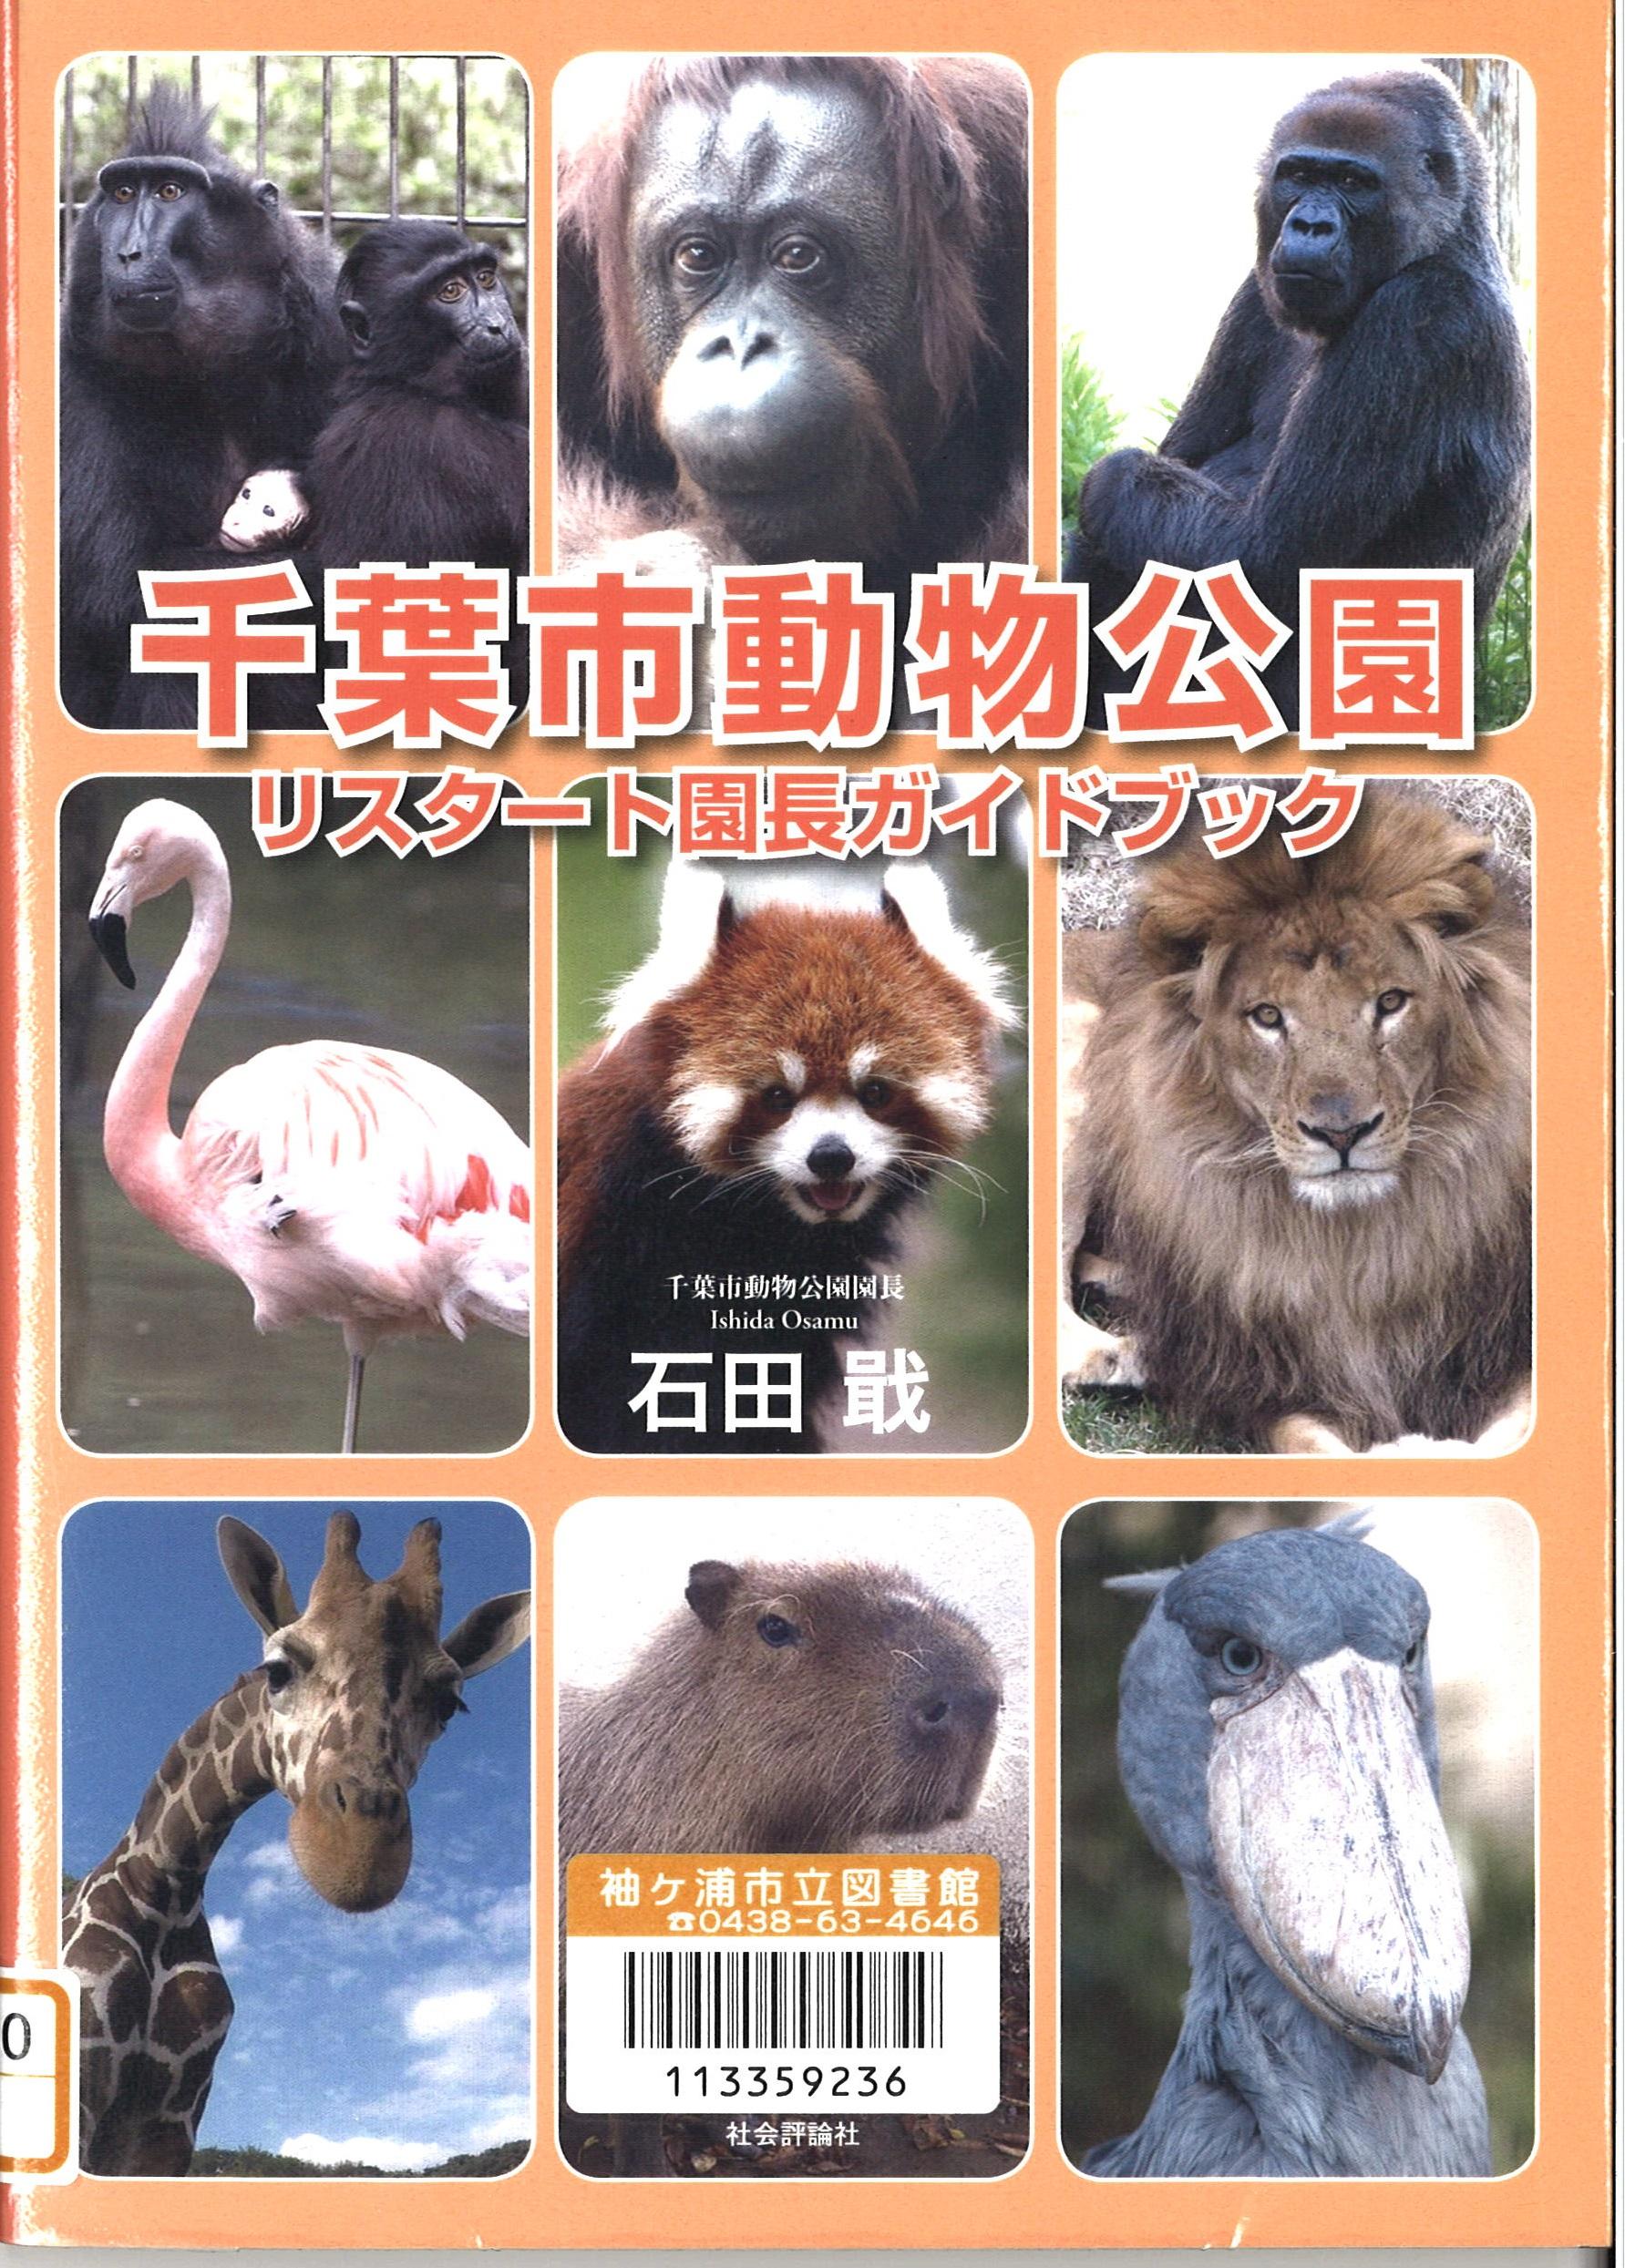 千葉市動物公園リスタート園長ガイドブックの表紙画像